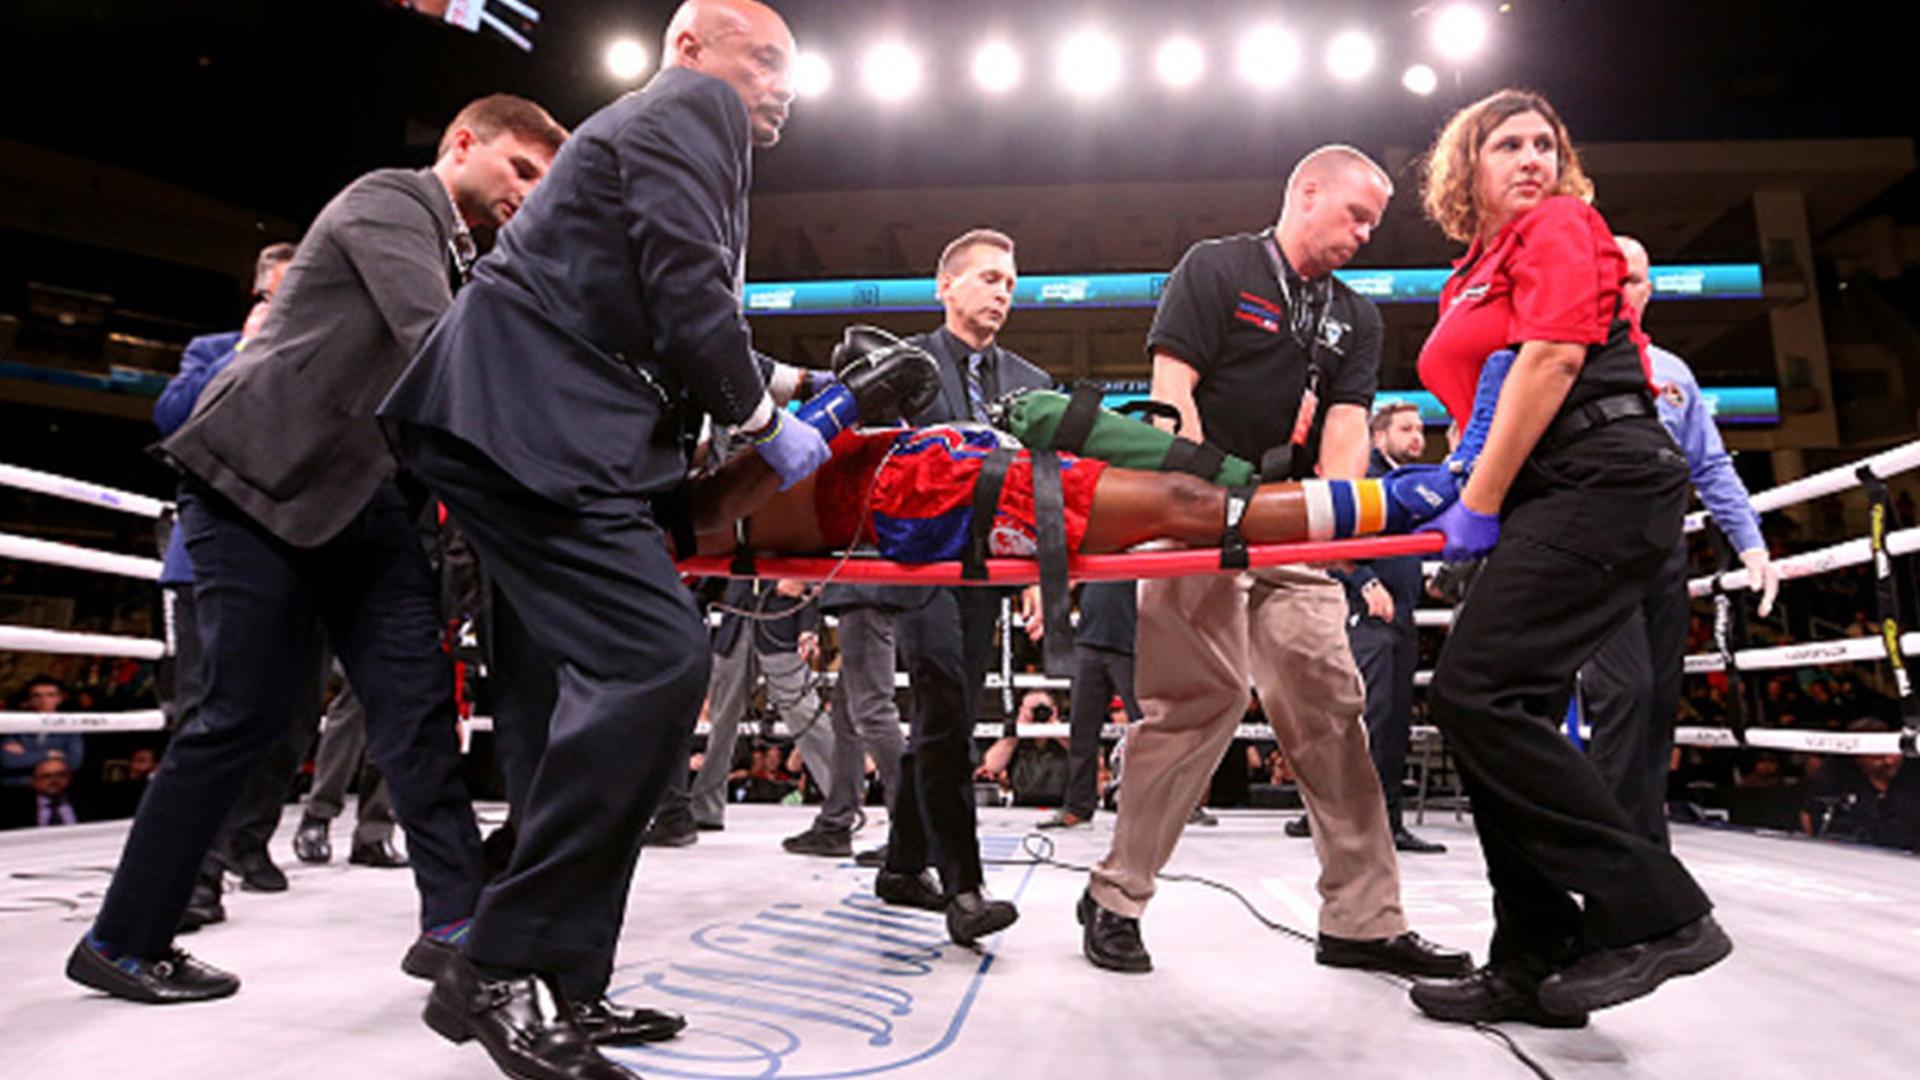 VIDEO Smútok vo svete športu: Hviezdny boxer zomrel po KO